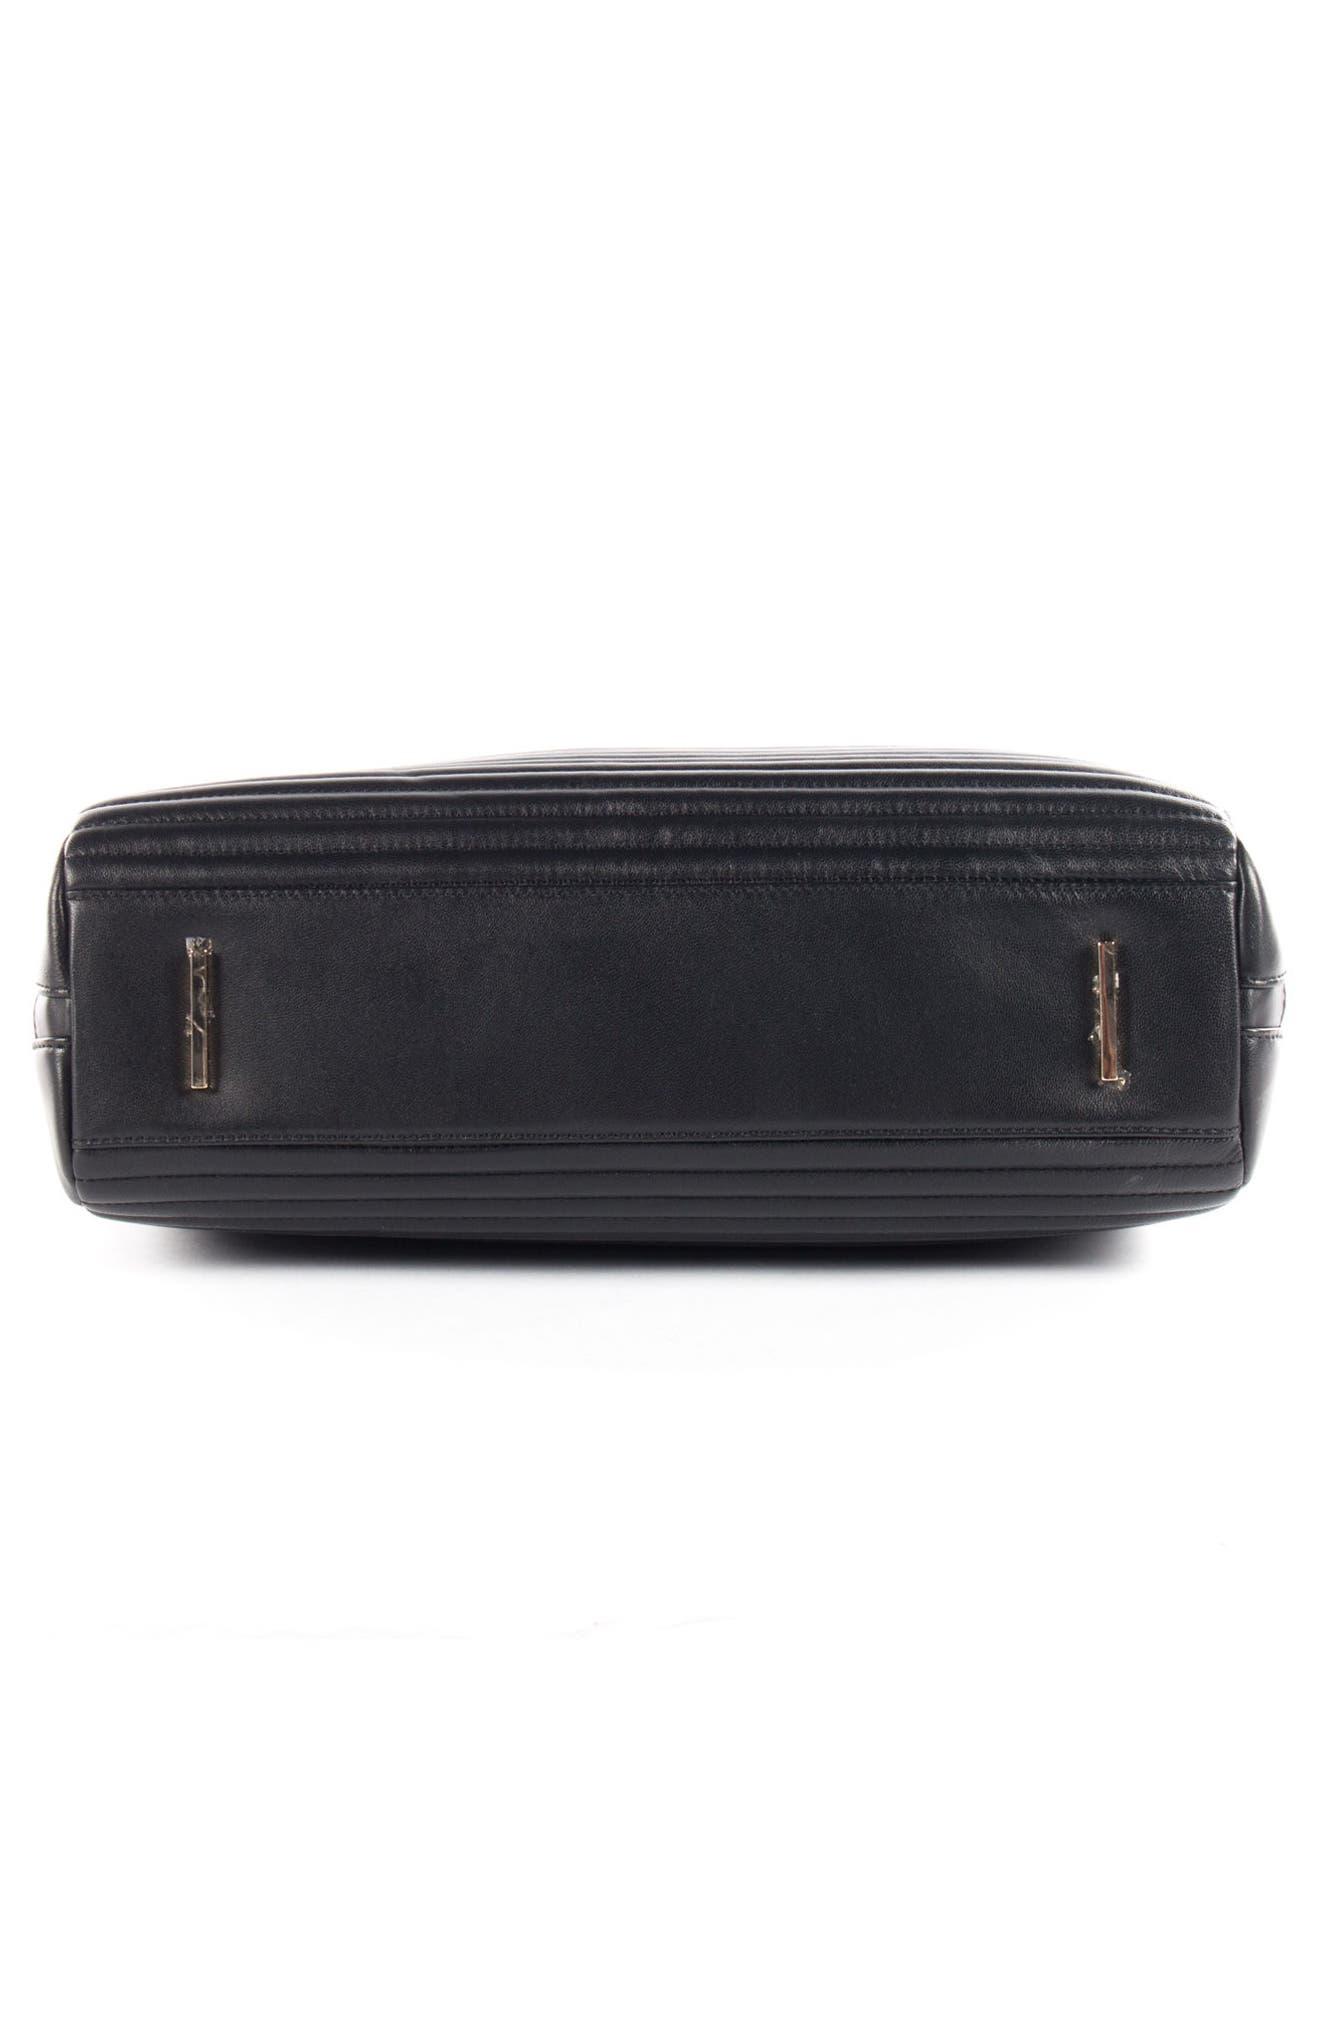 Céline Dion Vibrato Quilted Leather Satchel,                             Alternate thumbnail 4, color,                             Black